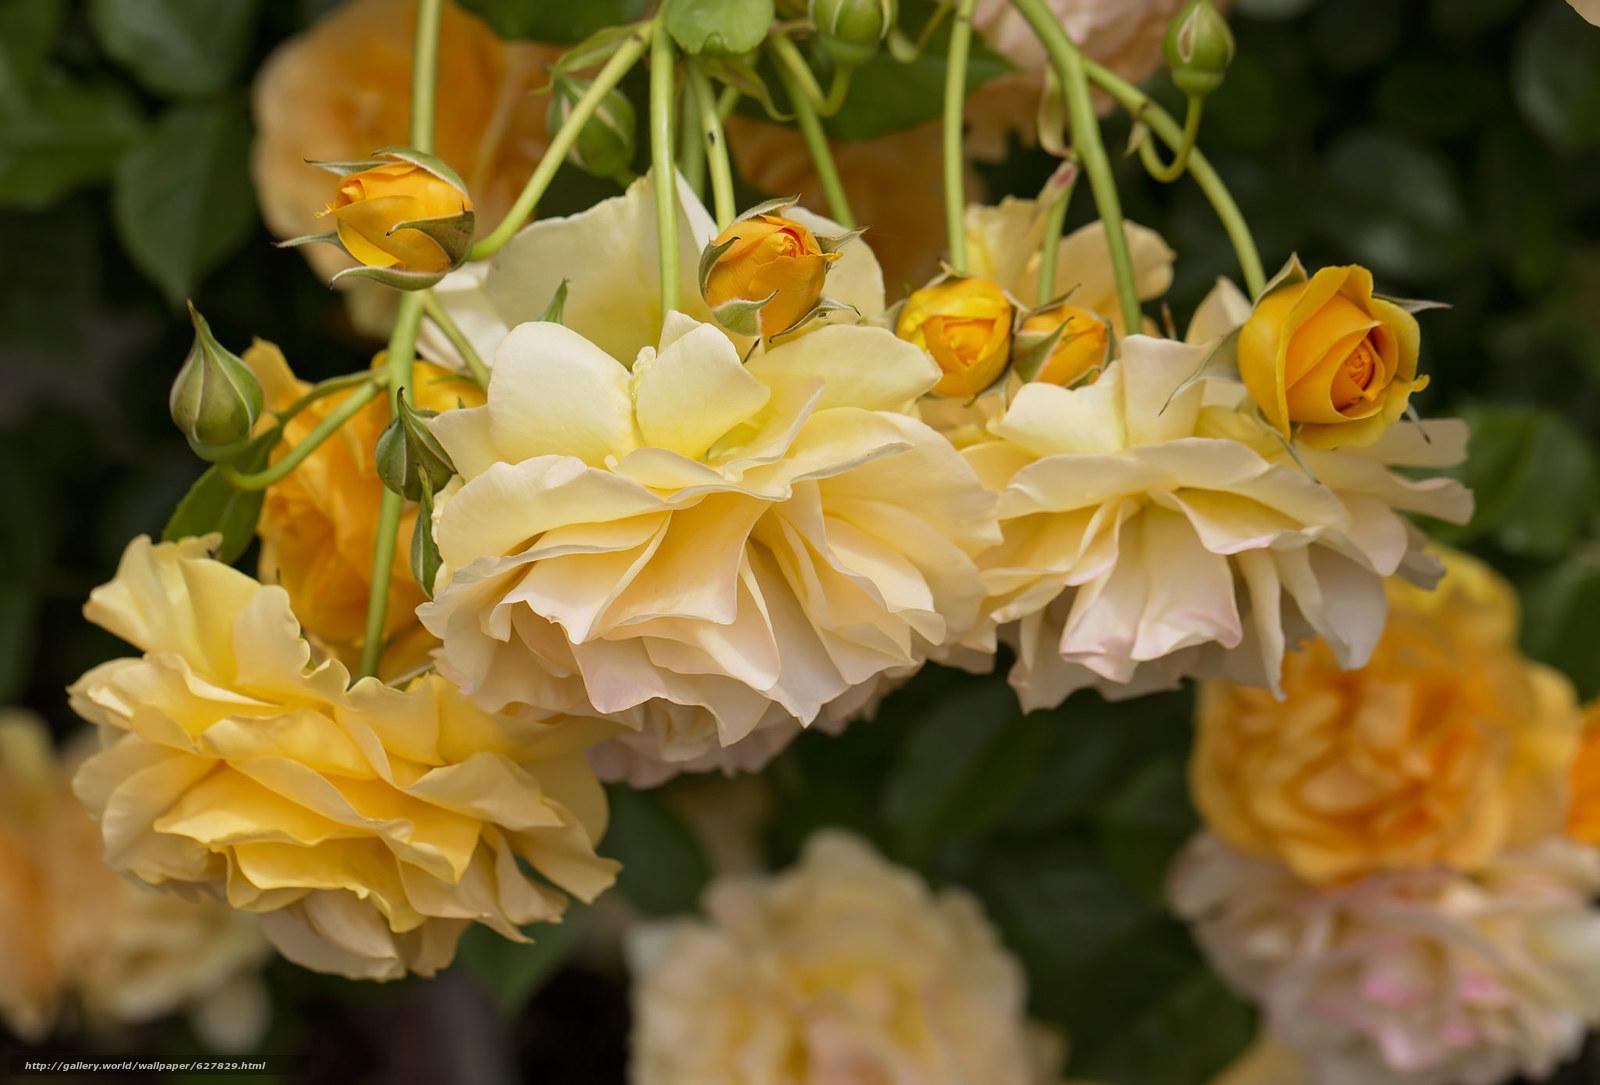 Скачать на телефон обои фото картинку на тему жёлтые розы, розы, бутоны, разширение 2048x1389